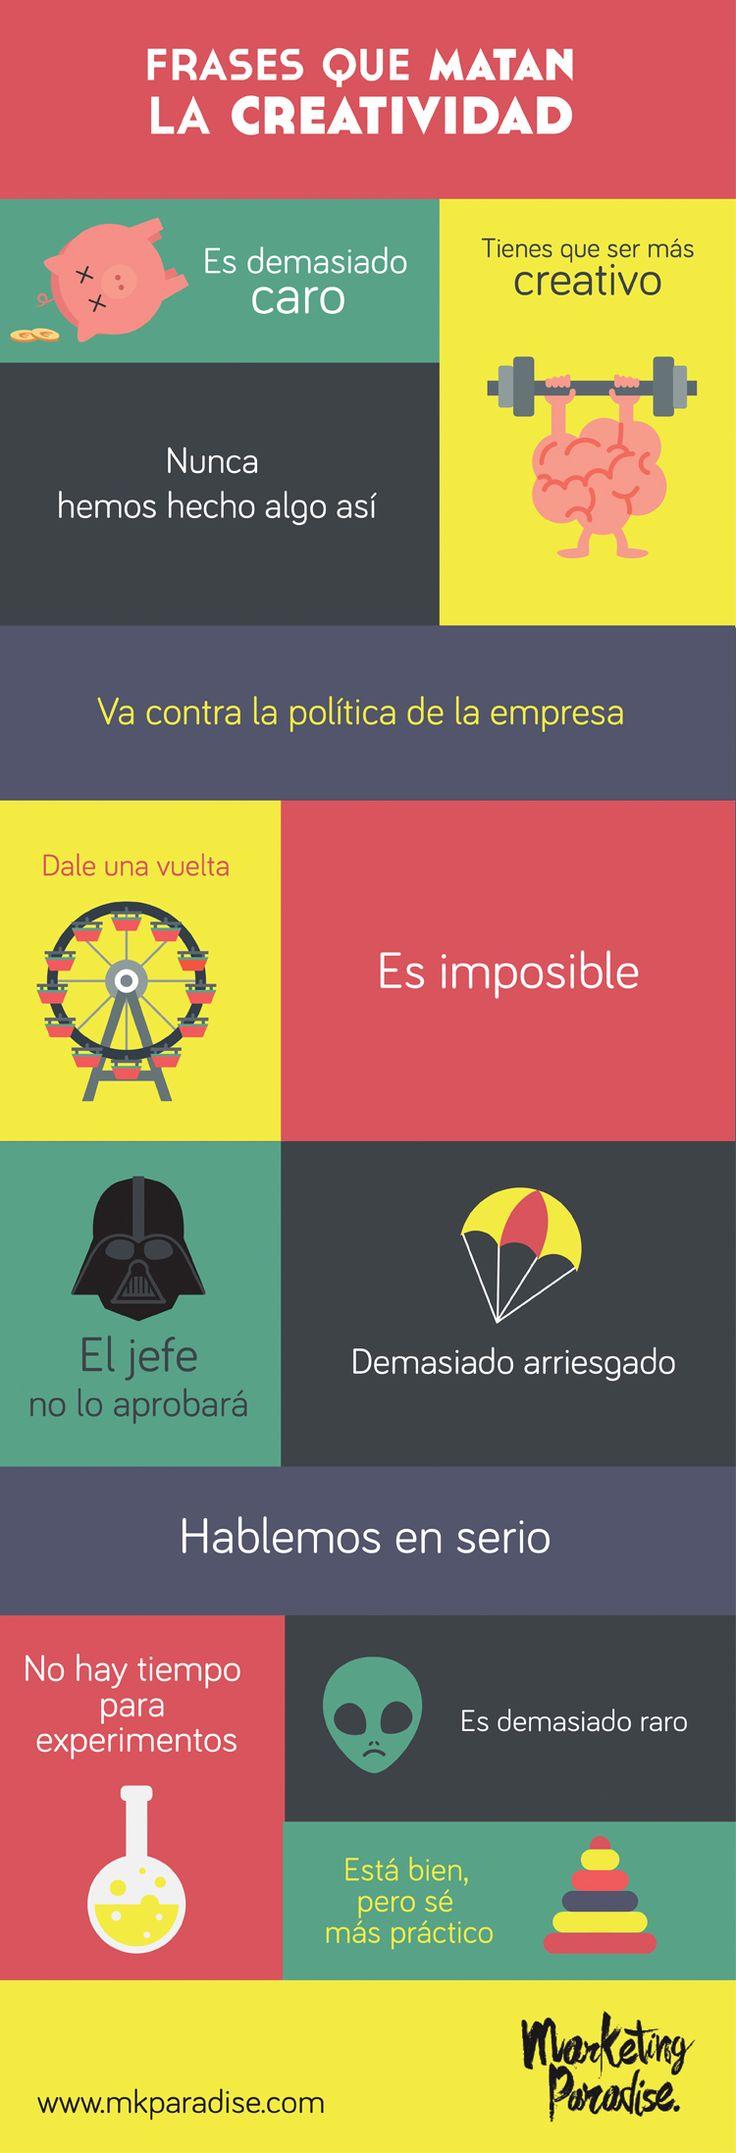 Frases que matan la creatividad, la innovación, el cambio, el progreso...